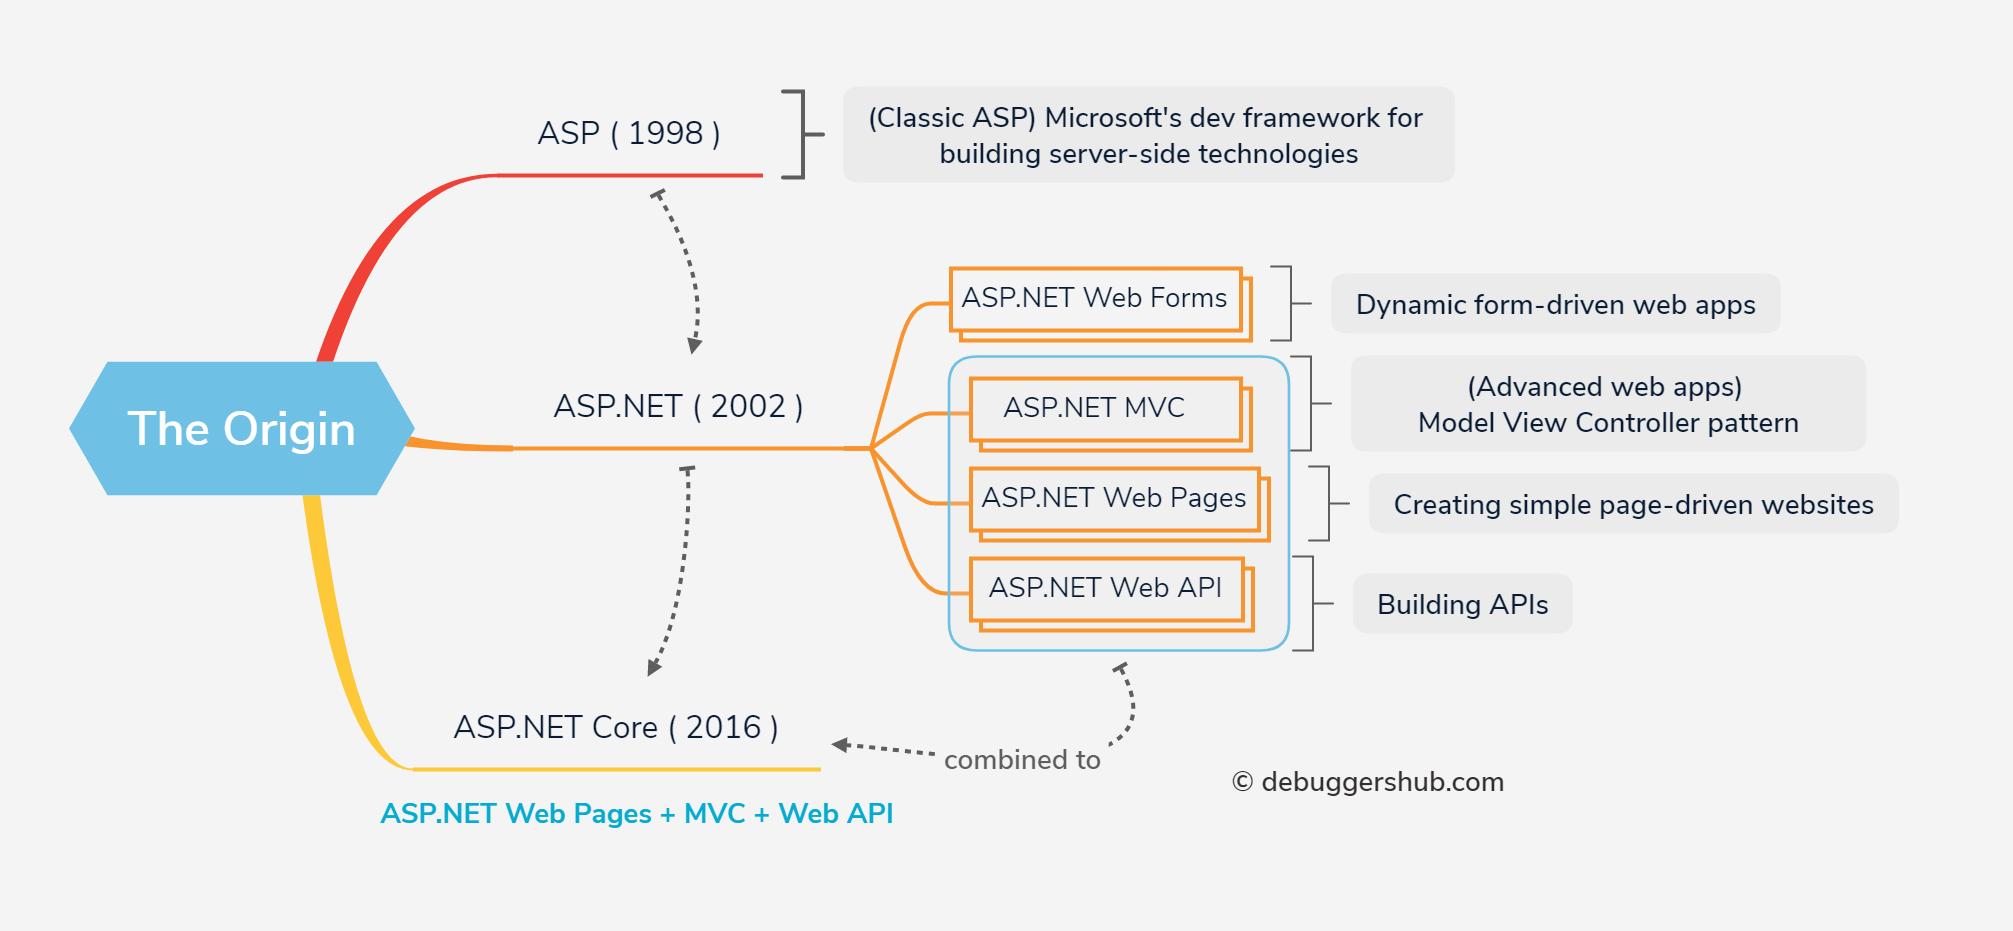 ASP.NET Core The Origin